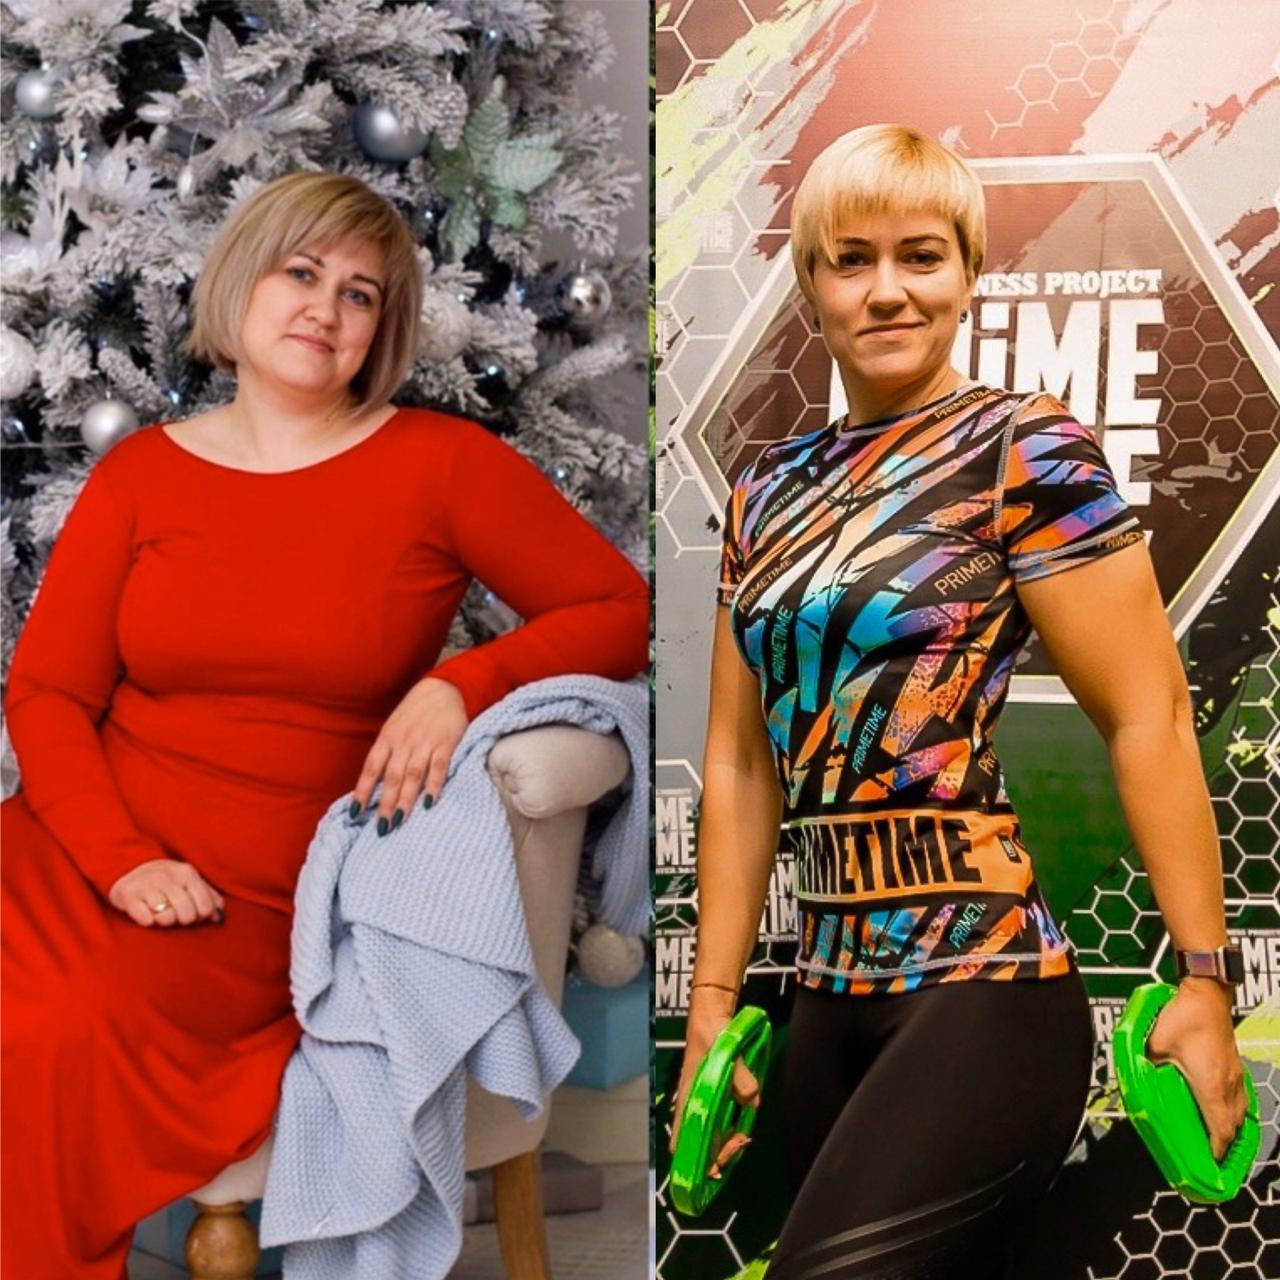 Процедуры По Похудению Омск. Похудеть можно бесплатно